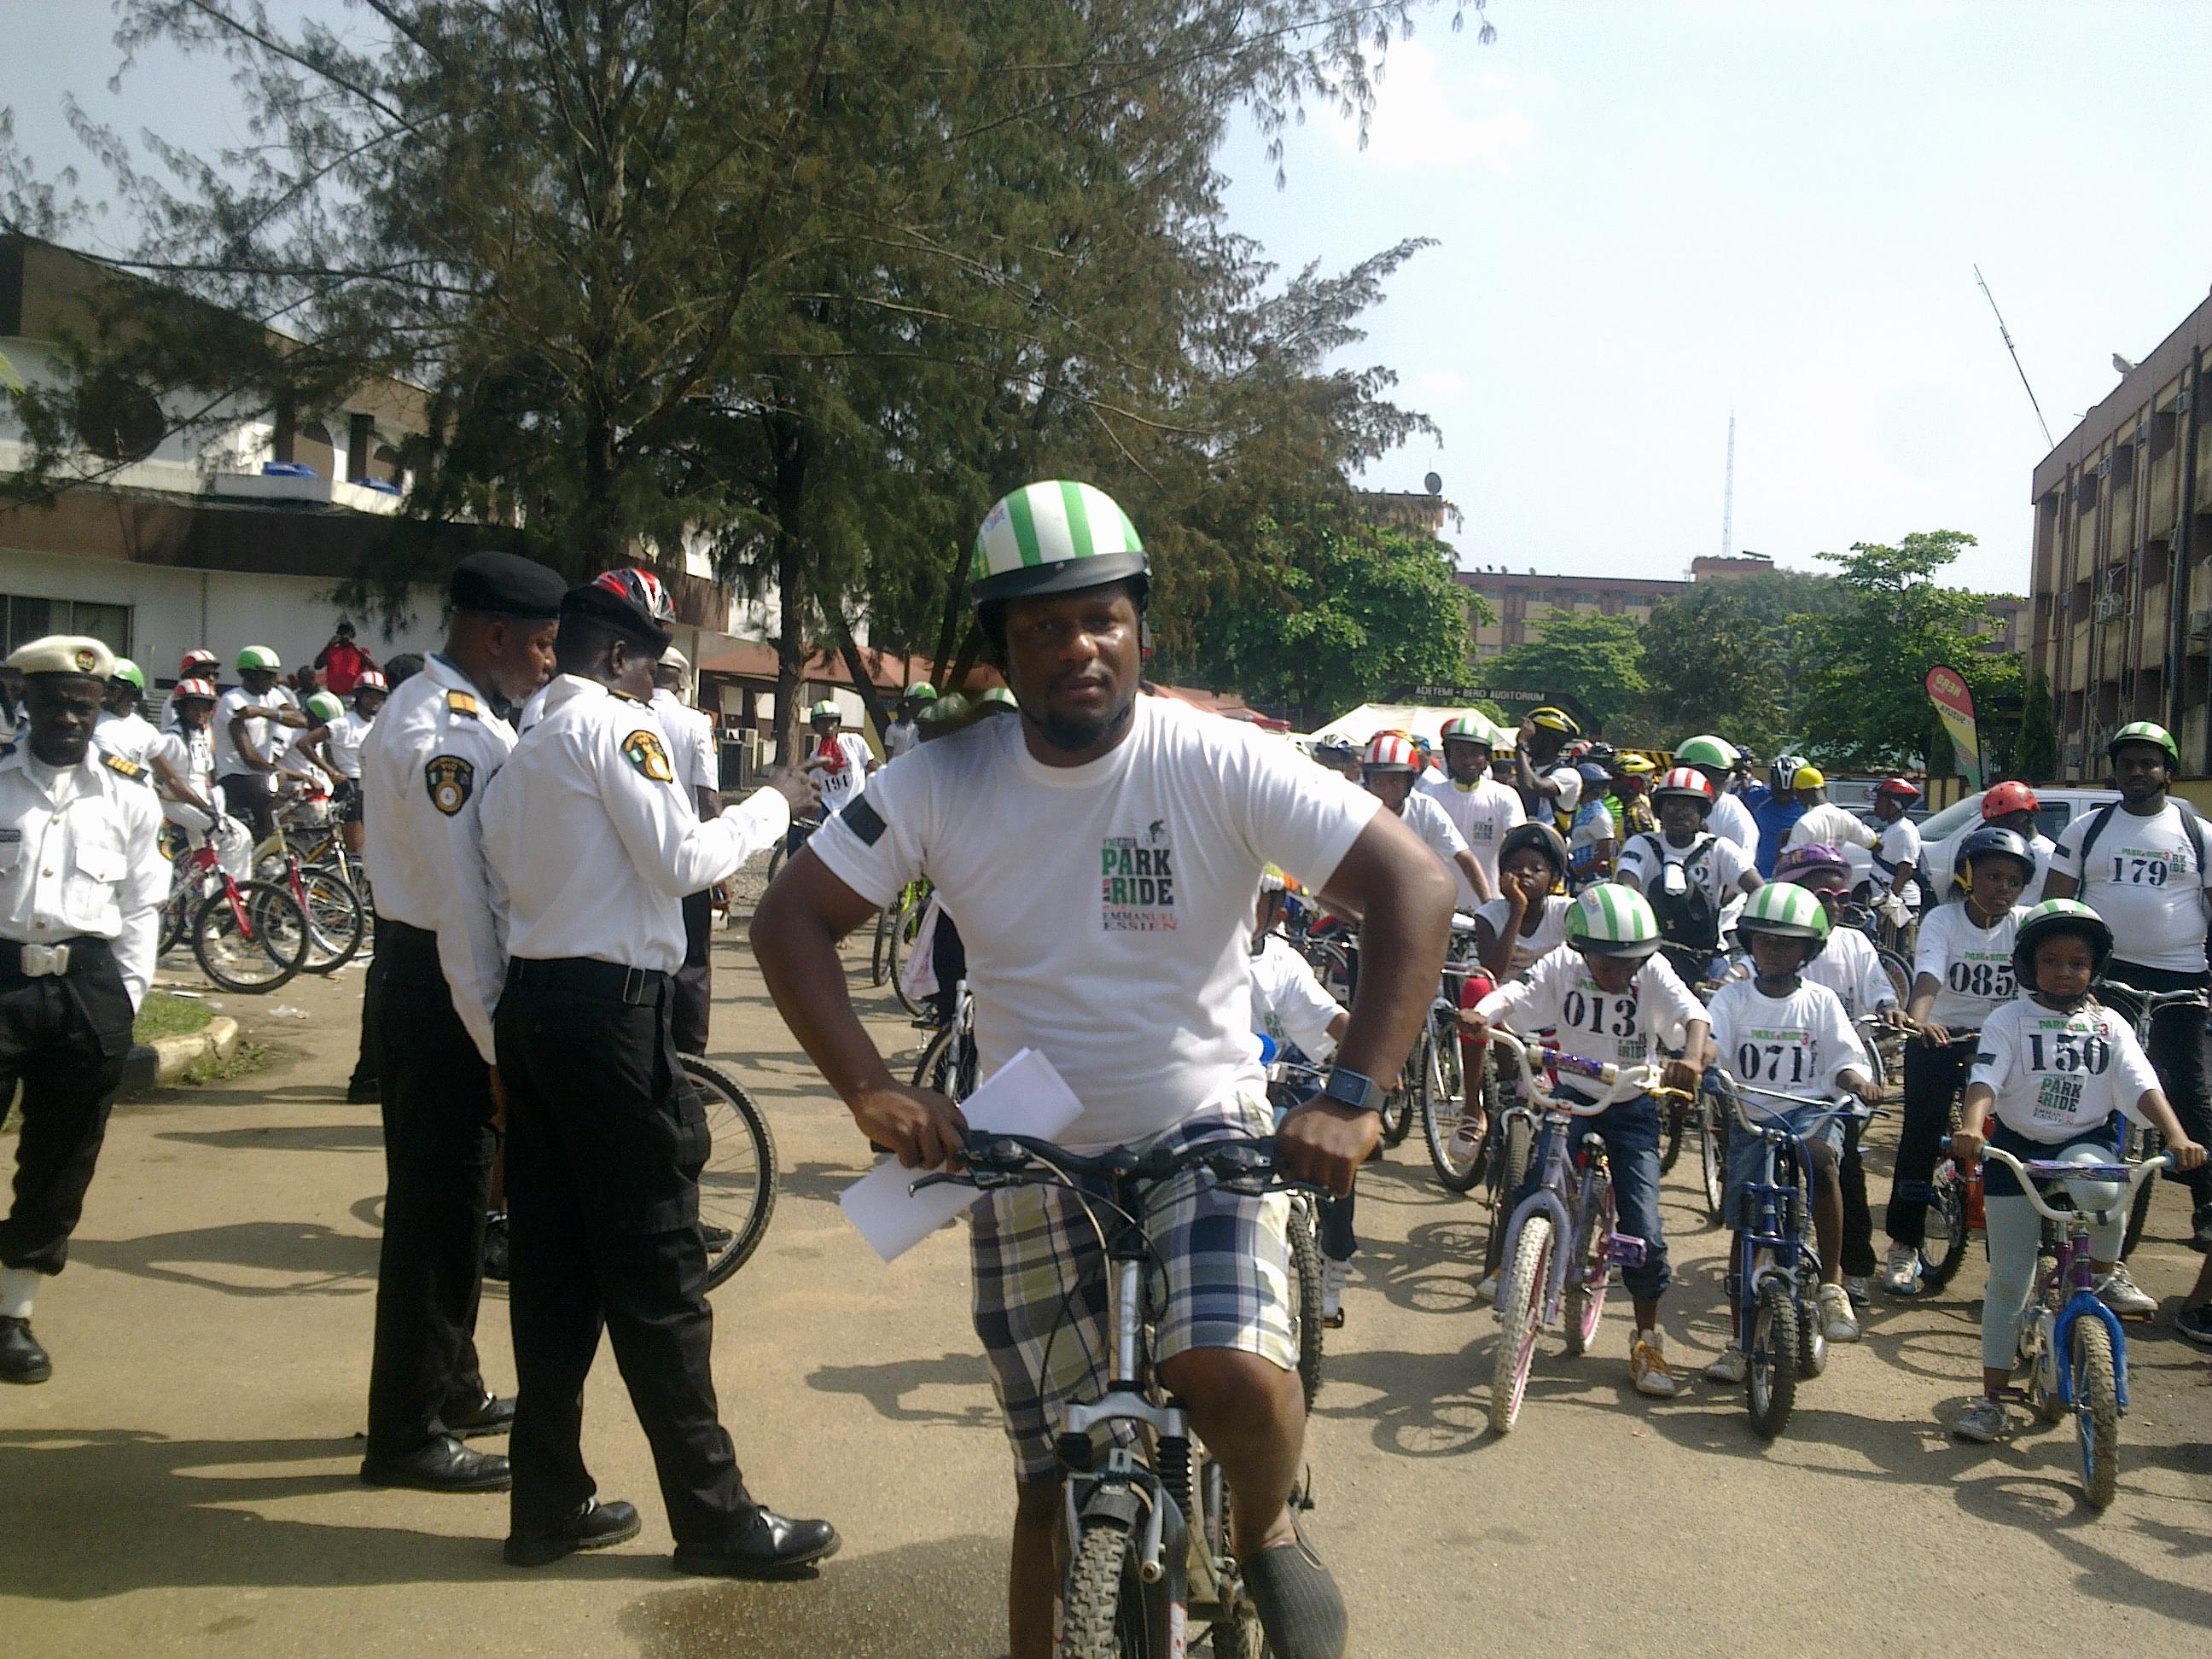 Lagos to get bicycle lanes